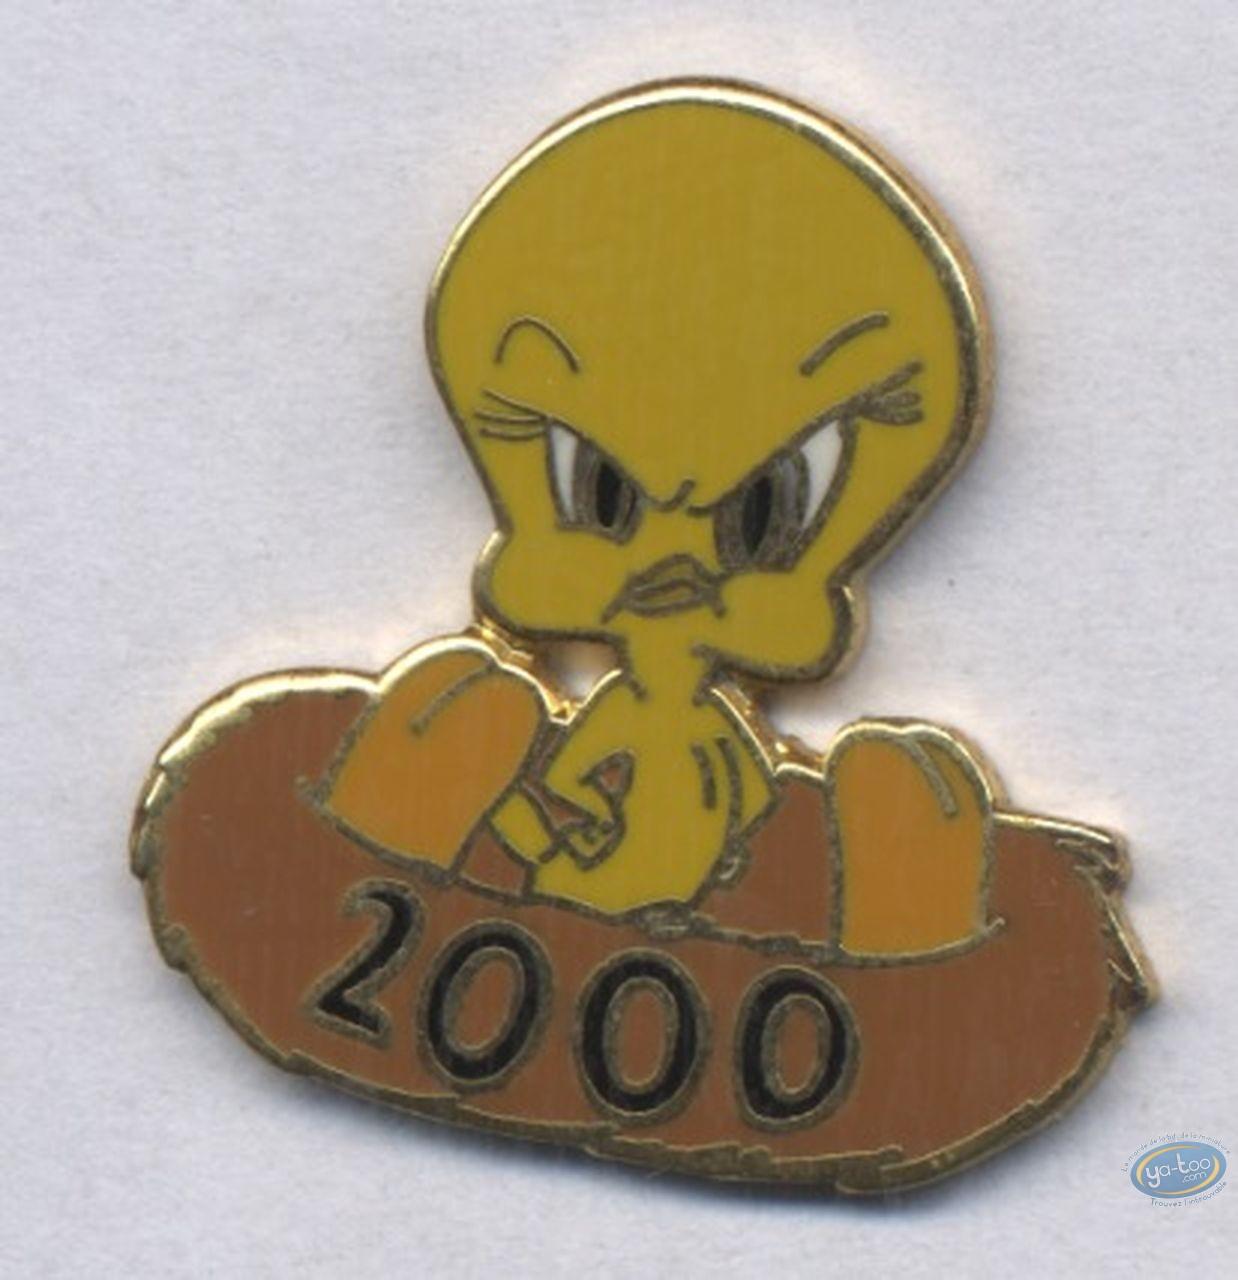 Pin's, Titi : Pin's, Tweety year 2000